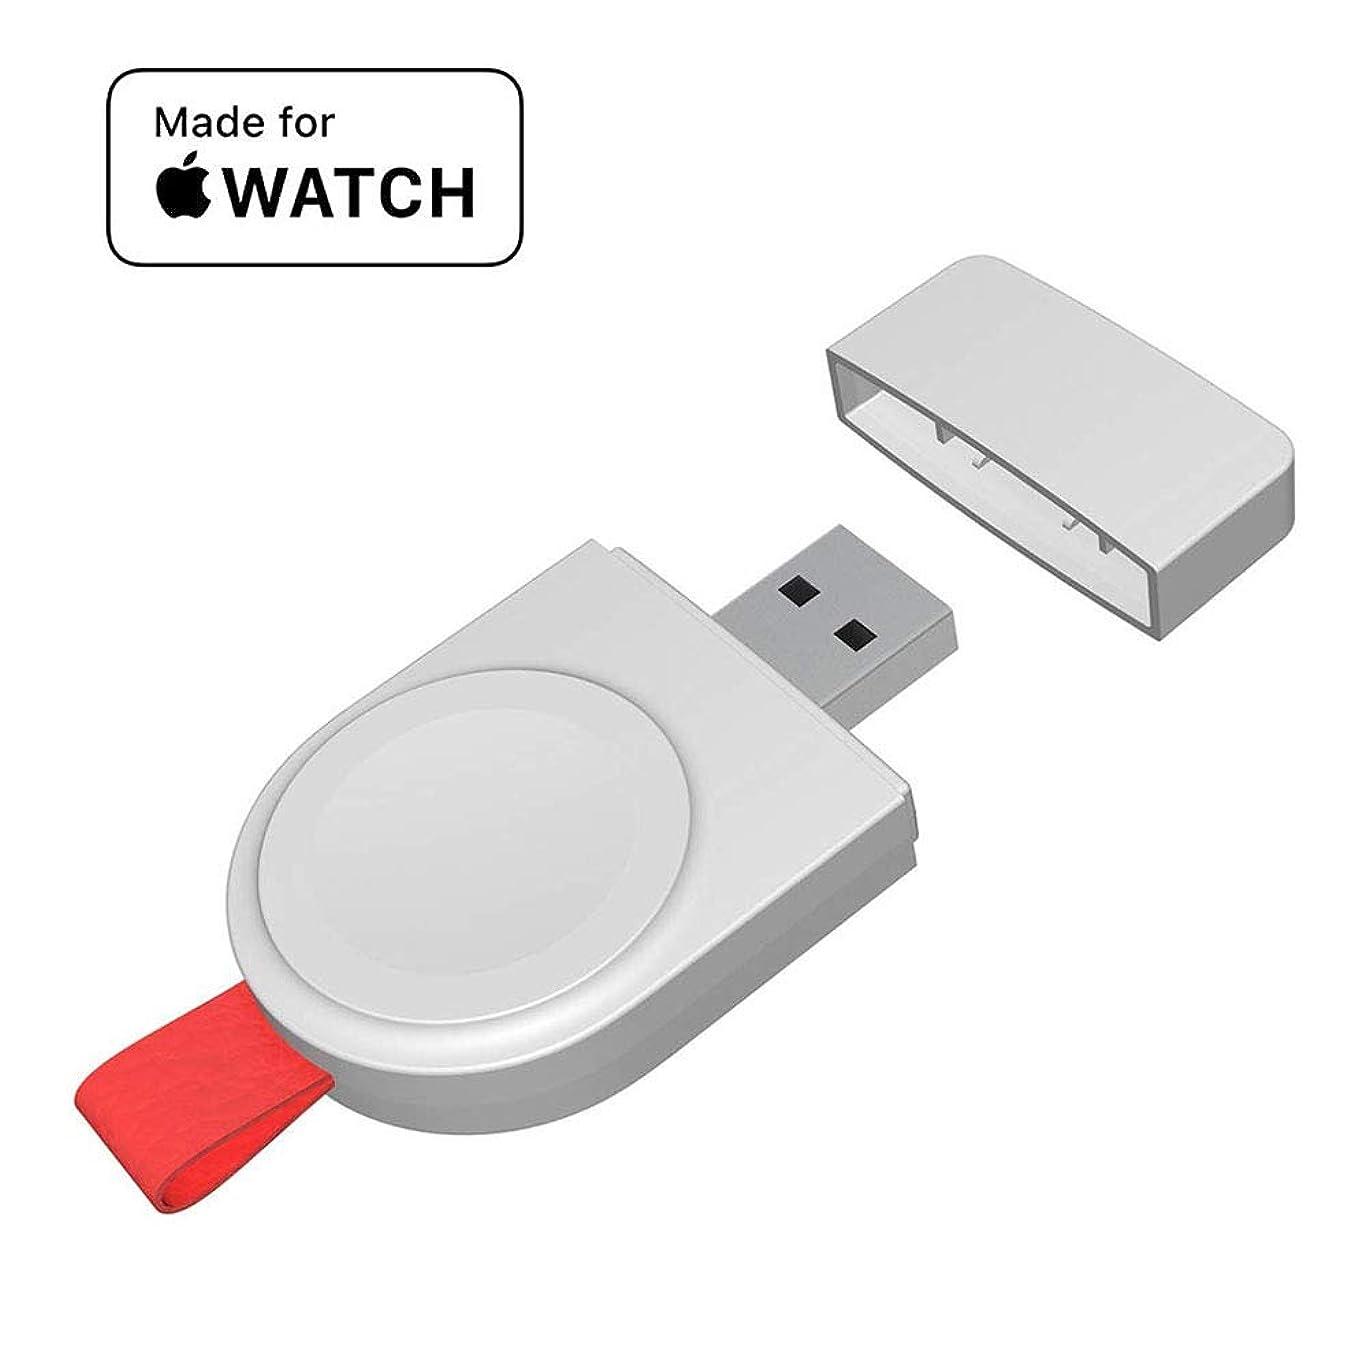 極貧彫るわずかにPandaily Apple Watch 充電器 USB充電器 と互換性がある ポータブルワイヤレス  iWatch 4/3/2/1 38mm/42mm